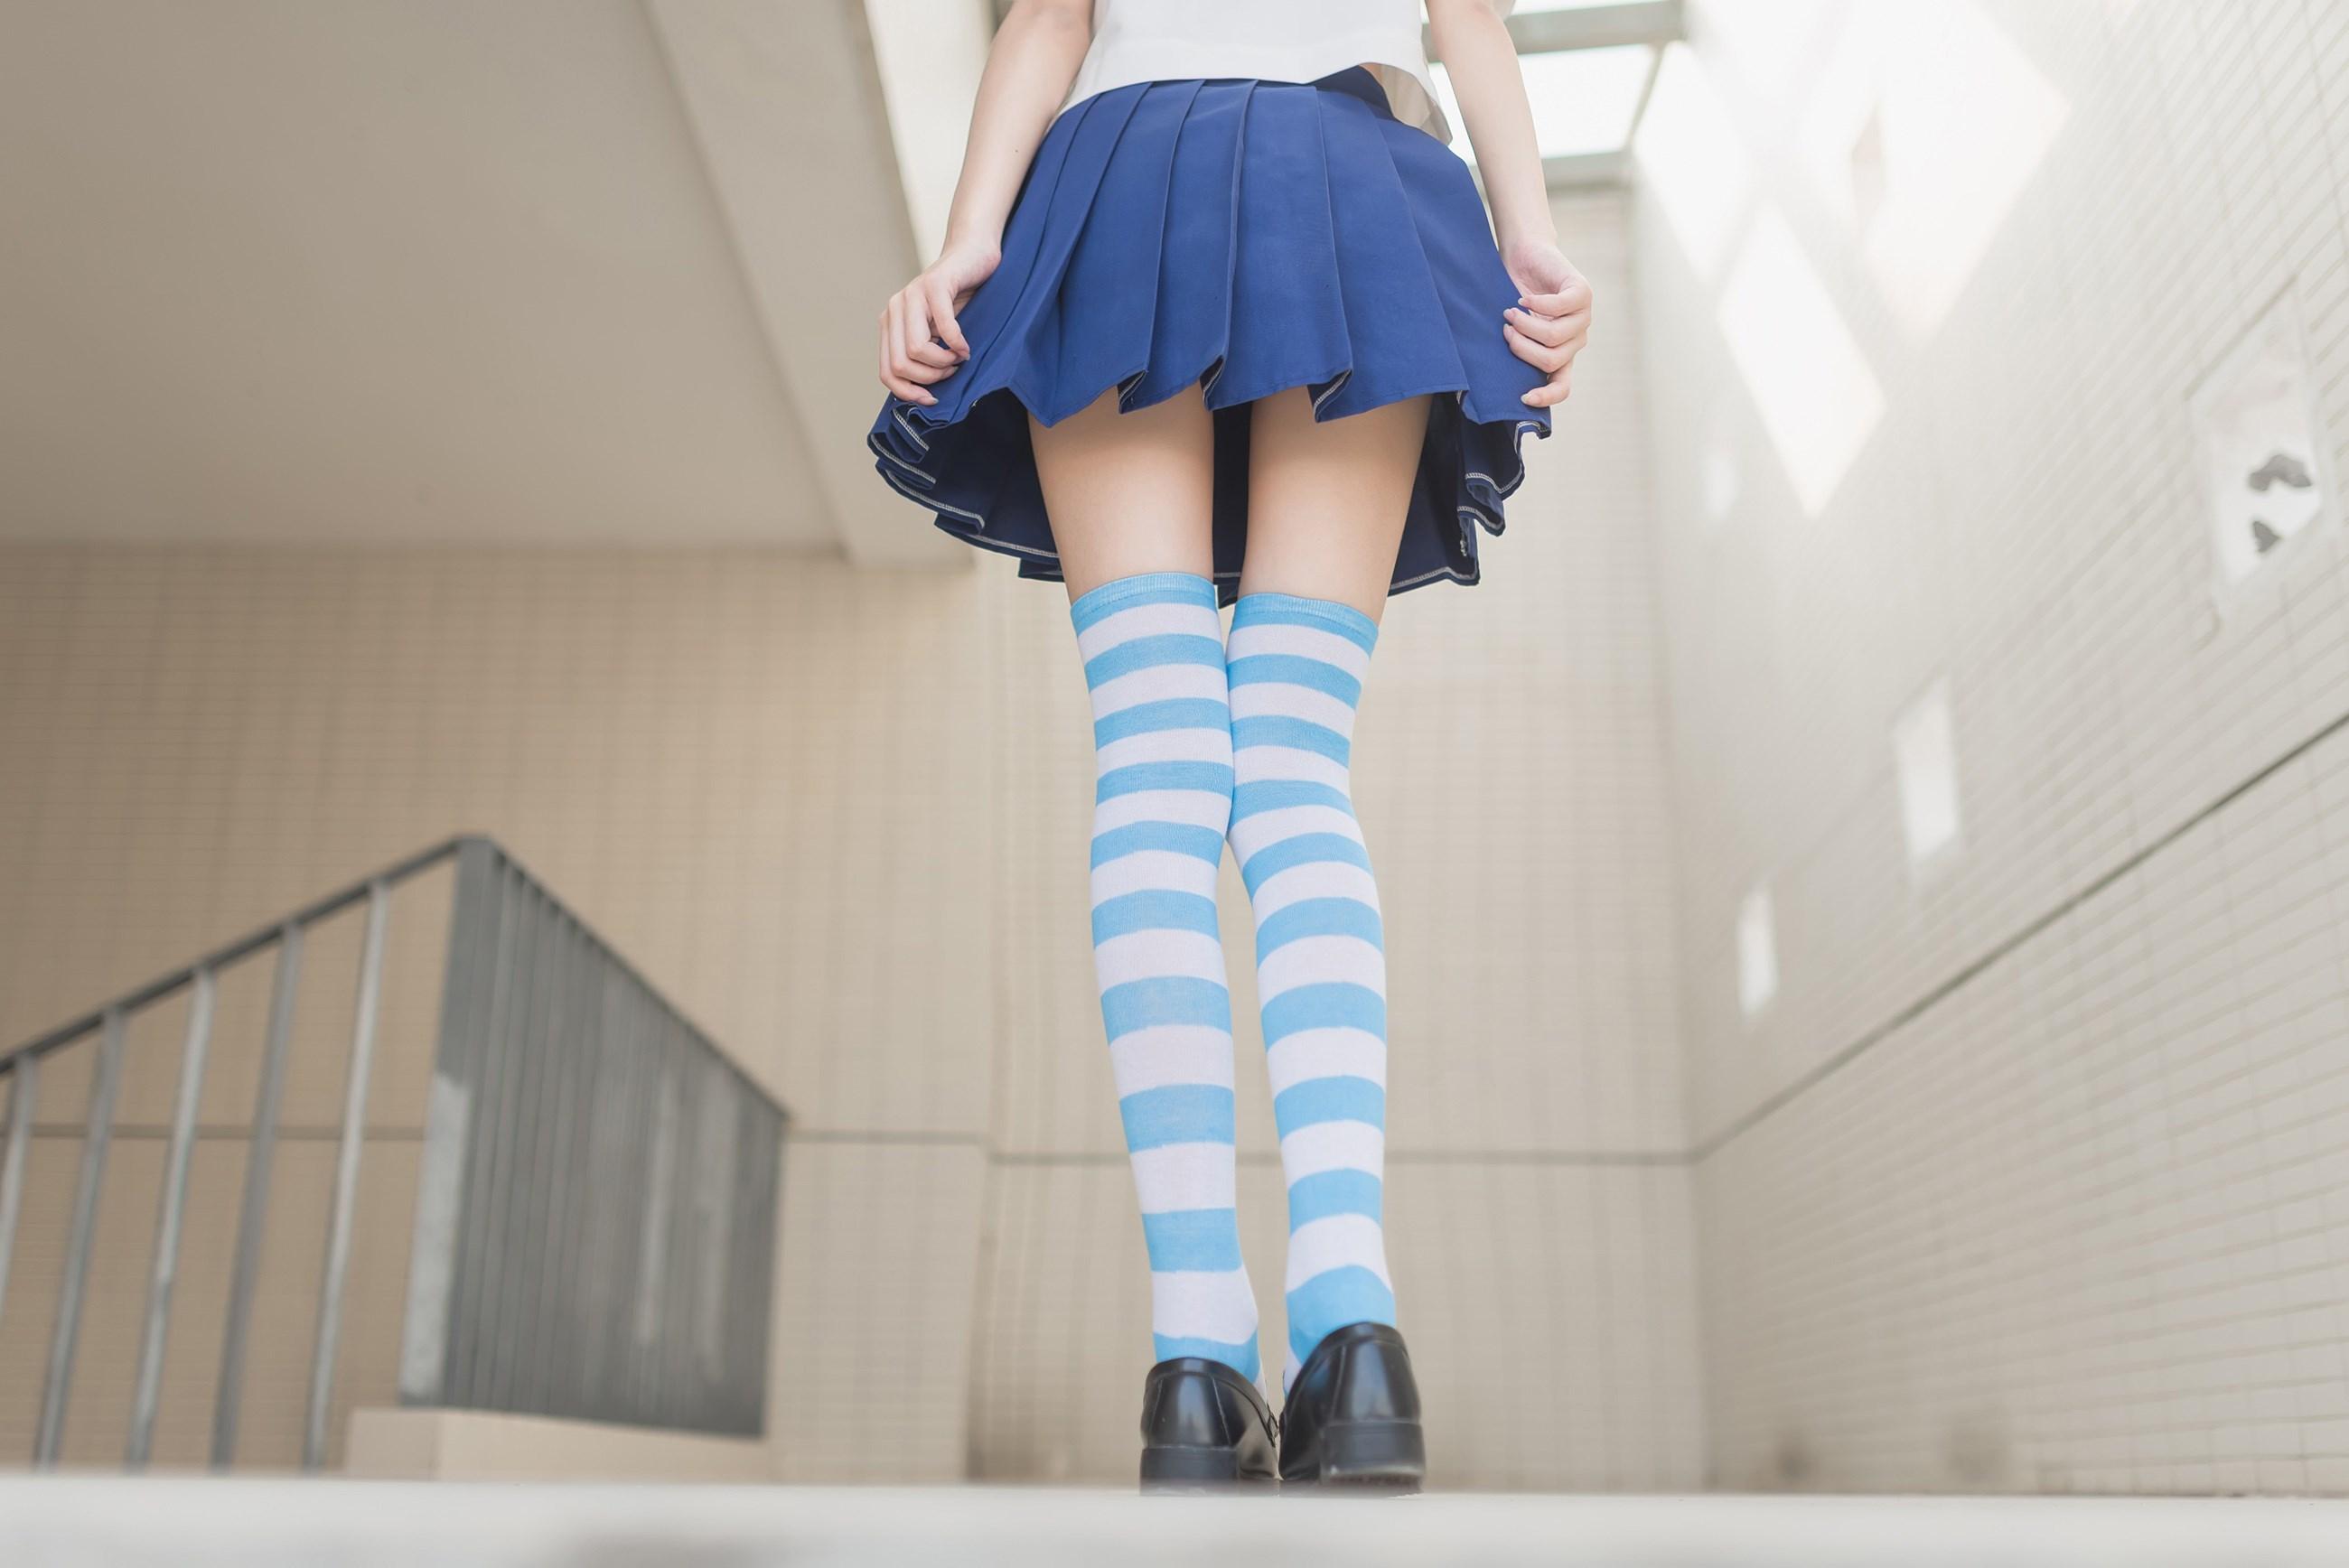 【兔玩映画】蓝白条纹的小细腿 兔玩映画 第16张